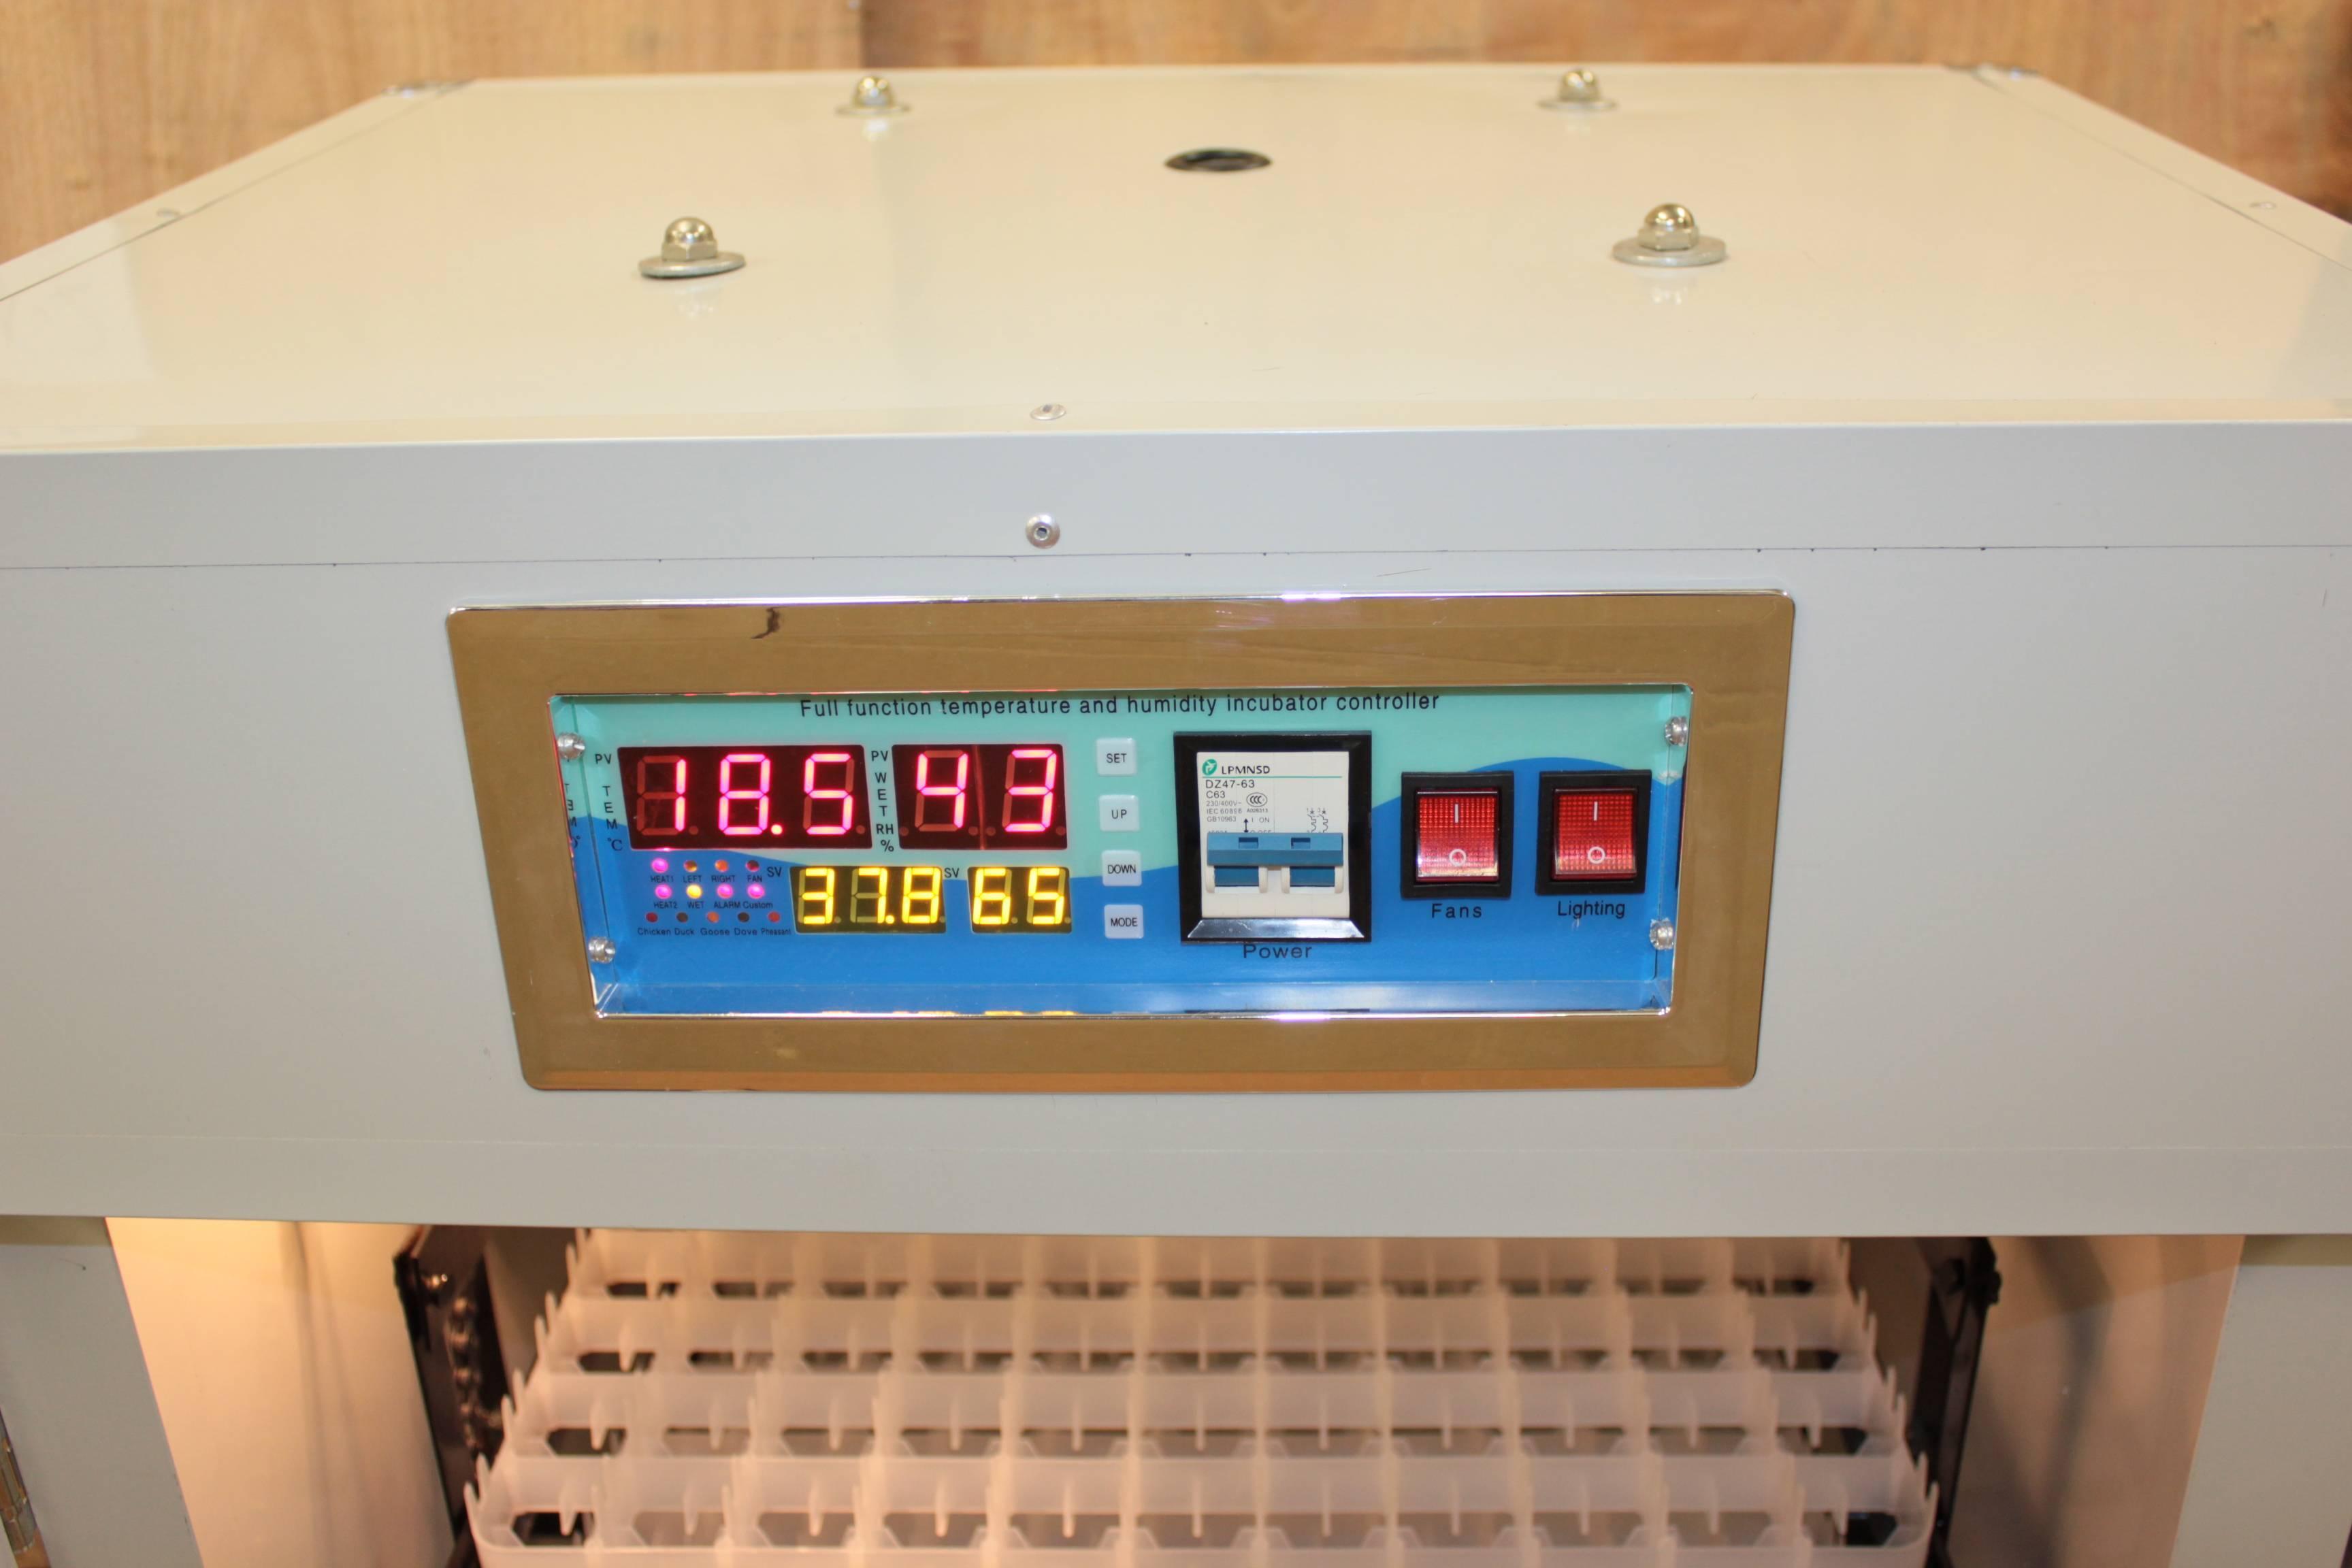 Об автоматических инкубаторах для яиц: какой выбрать, инструкция по эксплуатации